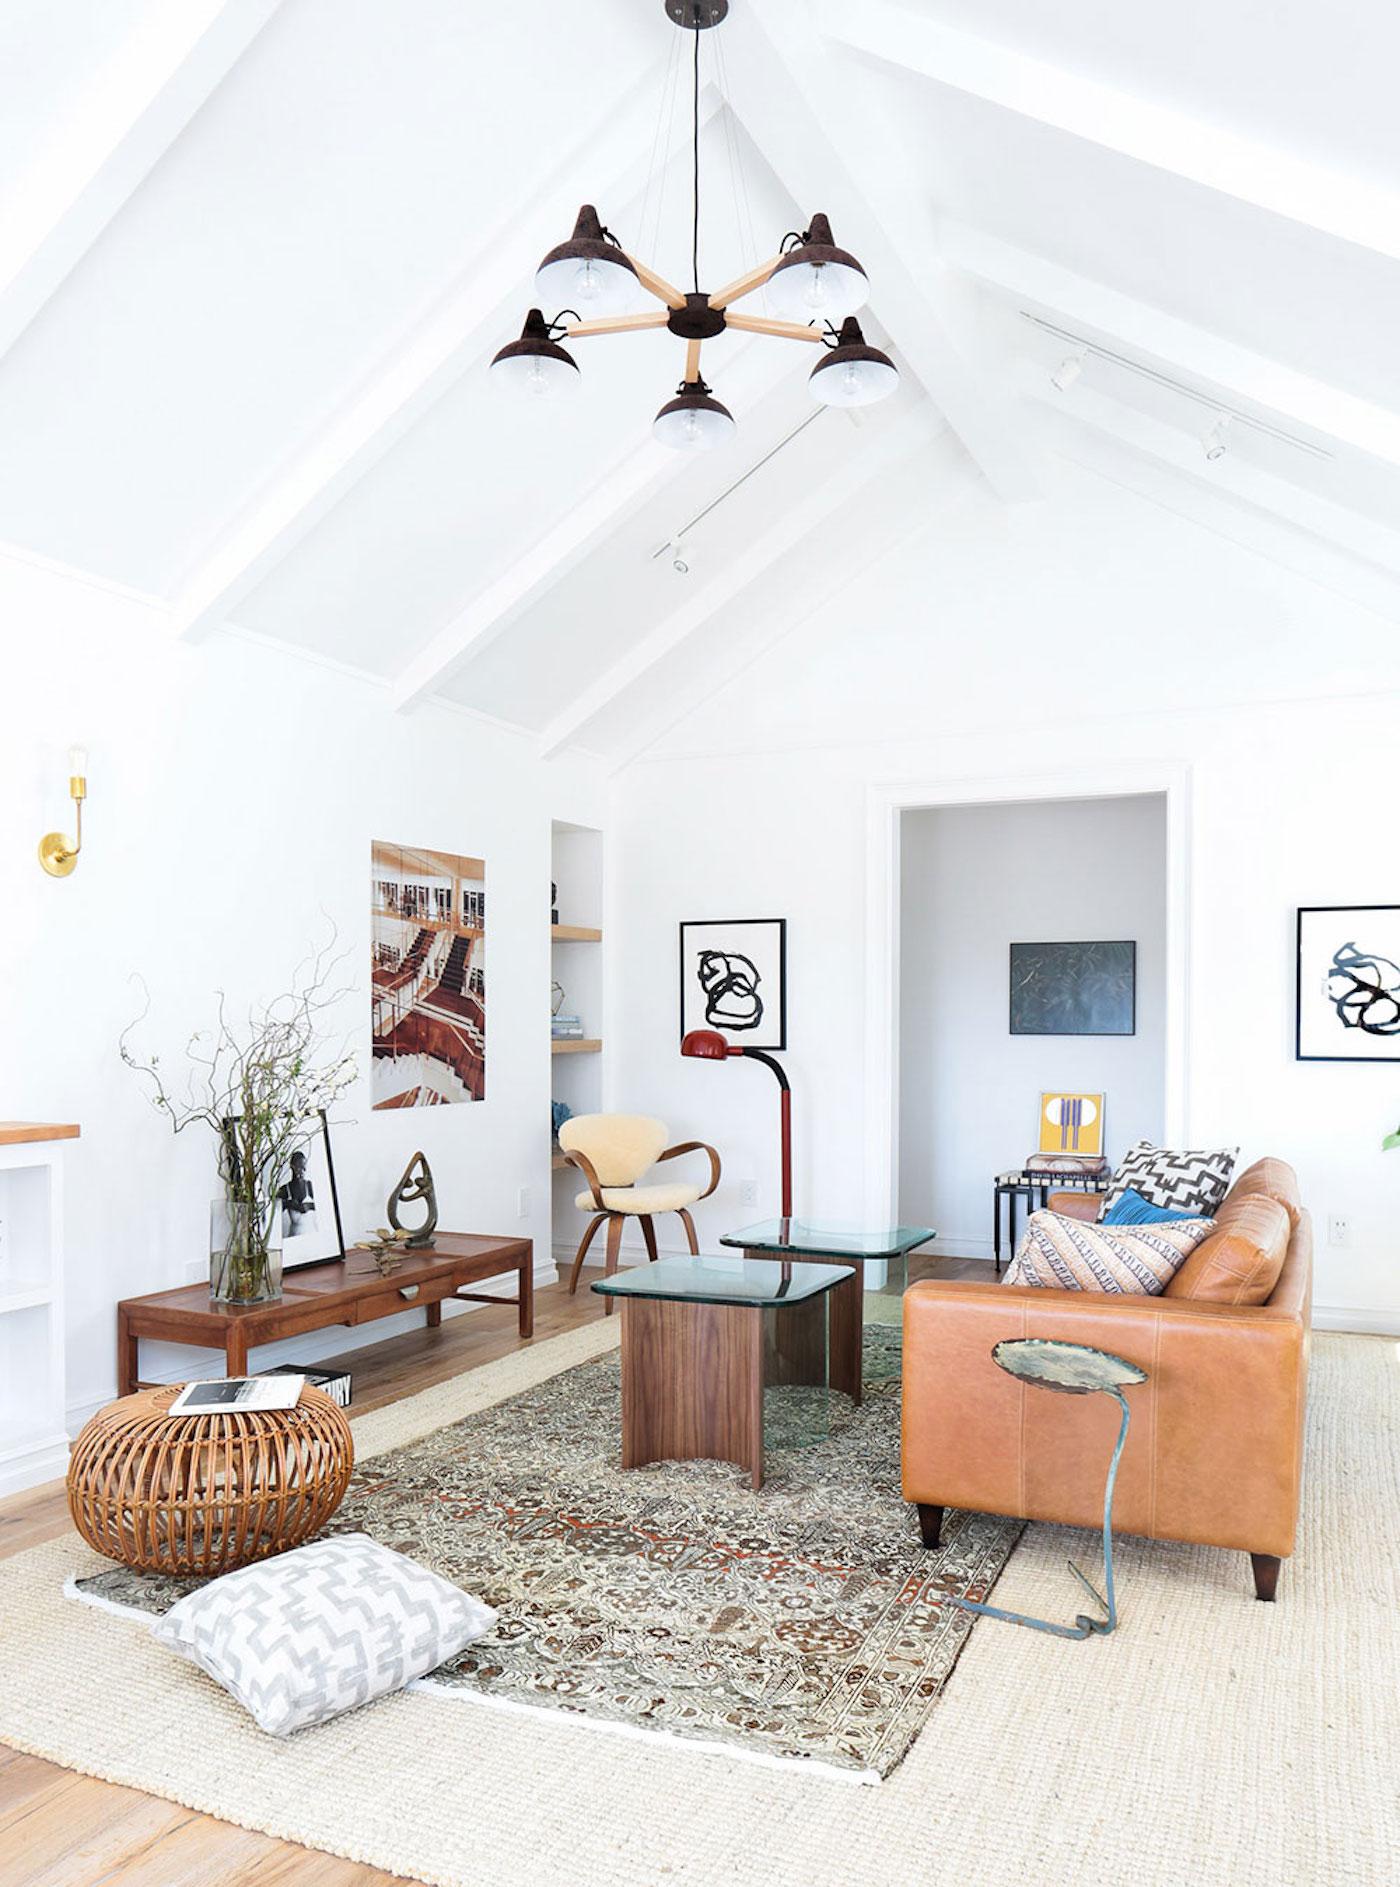 Interior design byStefani Stein